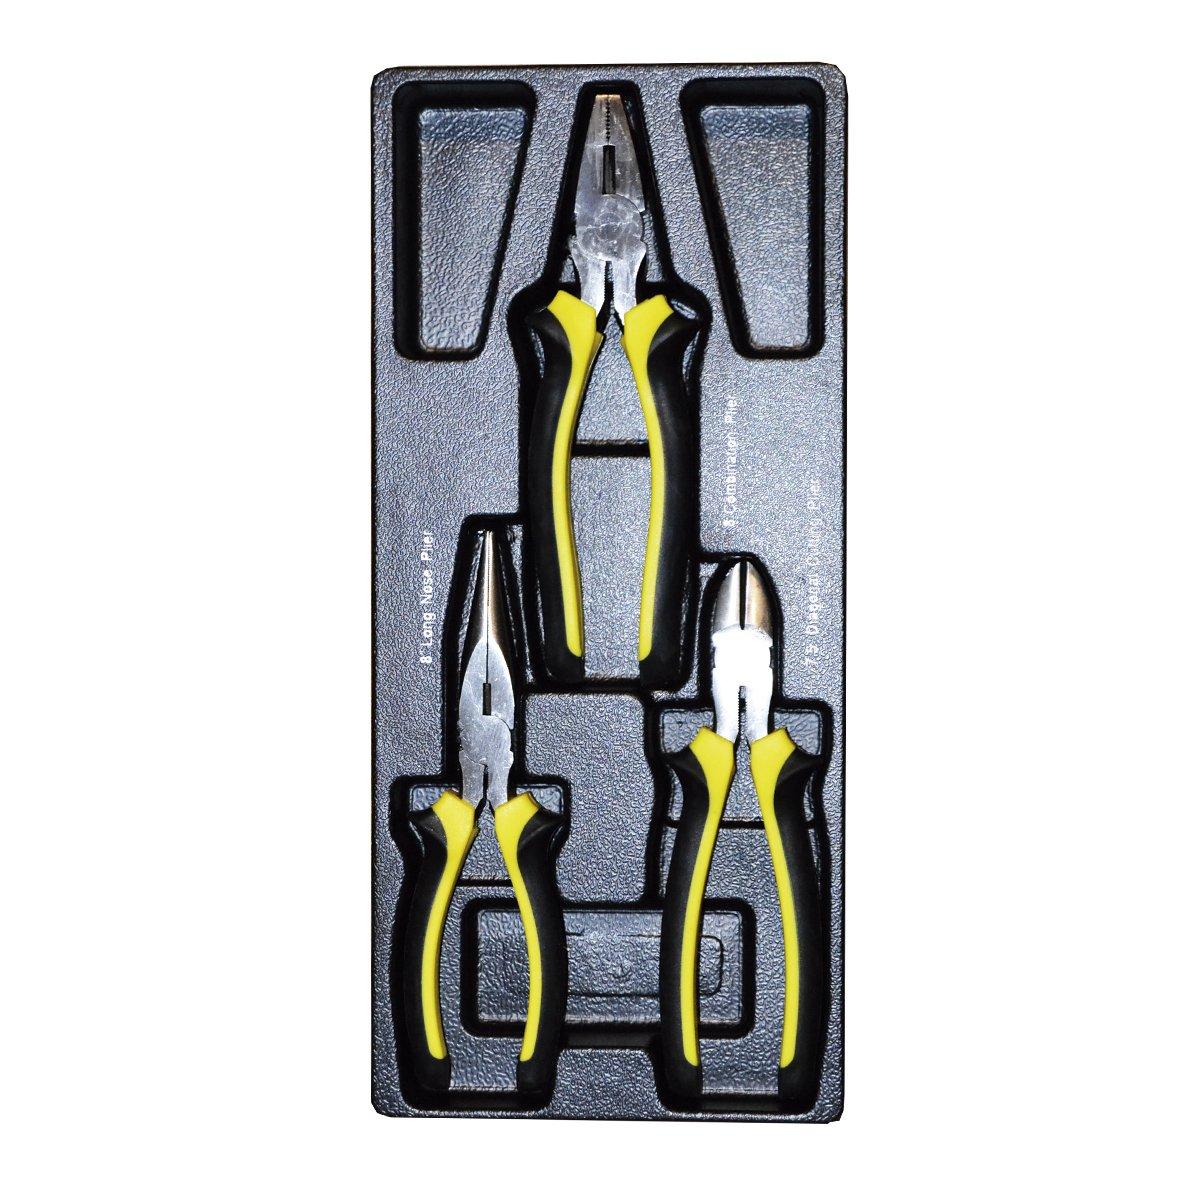 JBM 10679 Módulo 3 alicates para carro de herramientas: Amazon.es: Bricolaje y herramientas